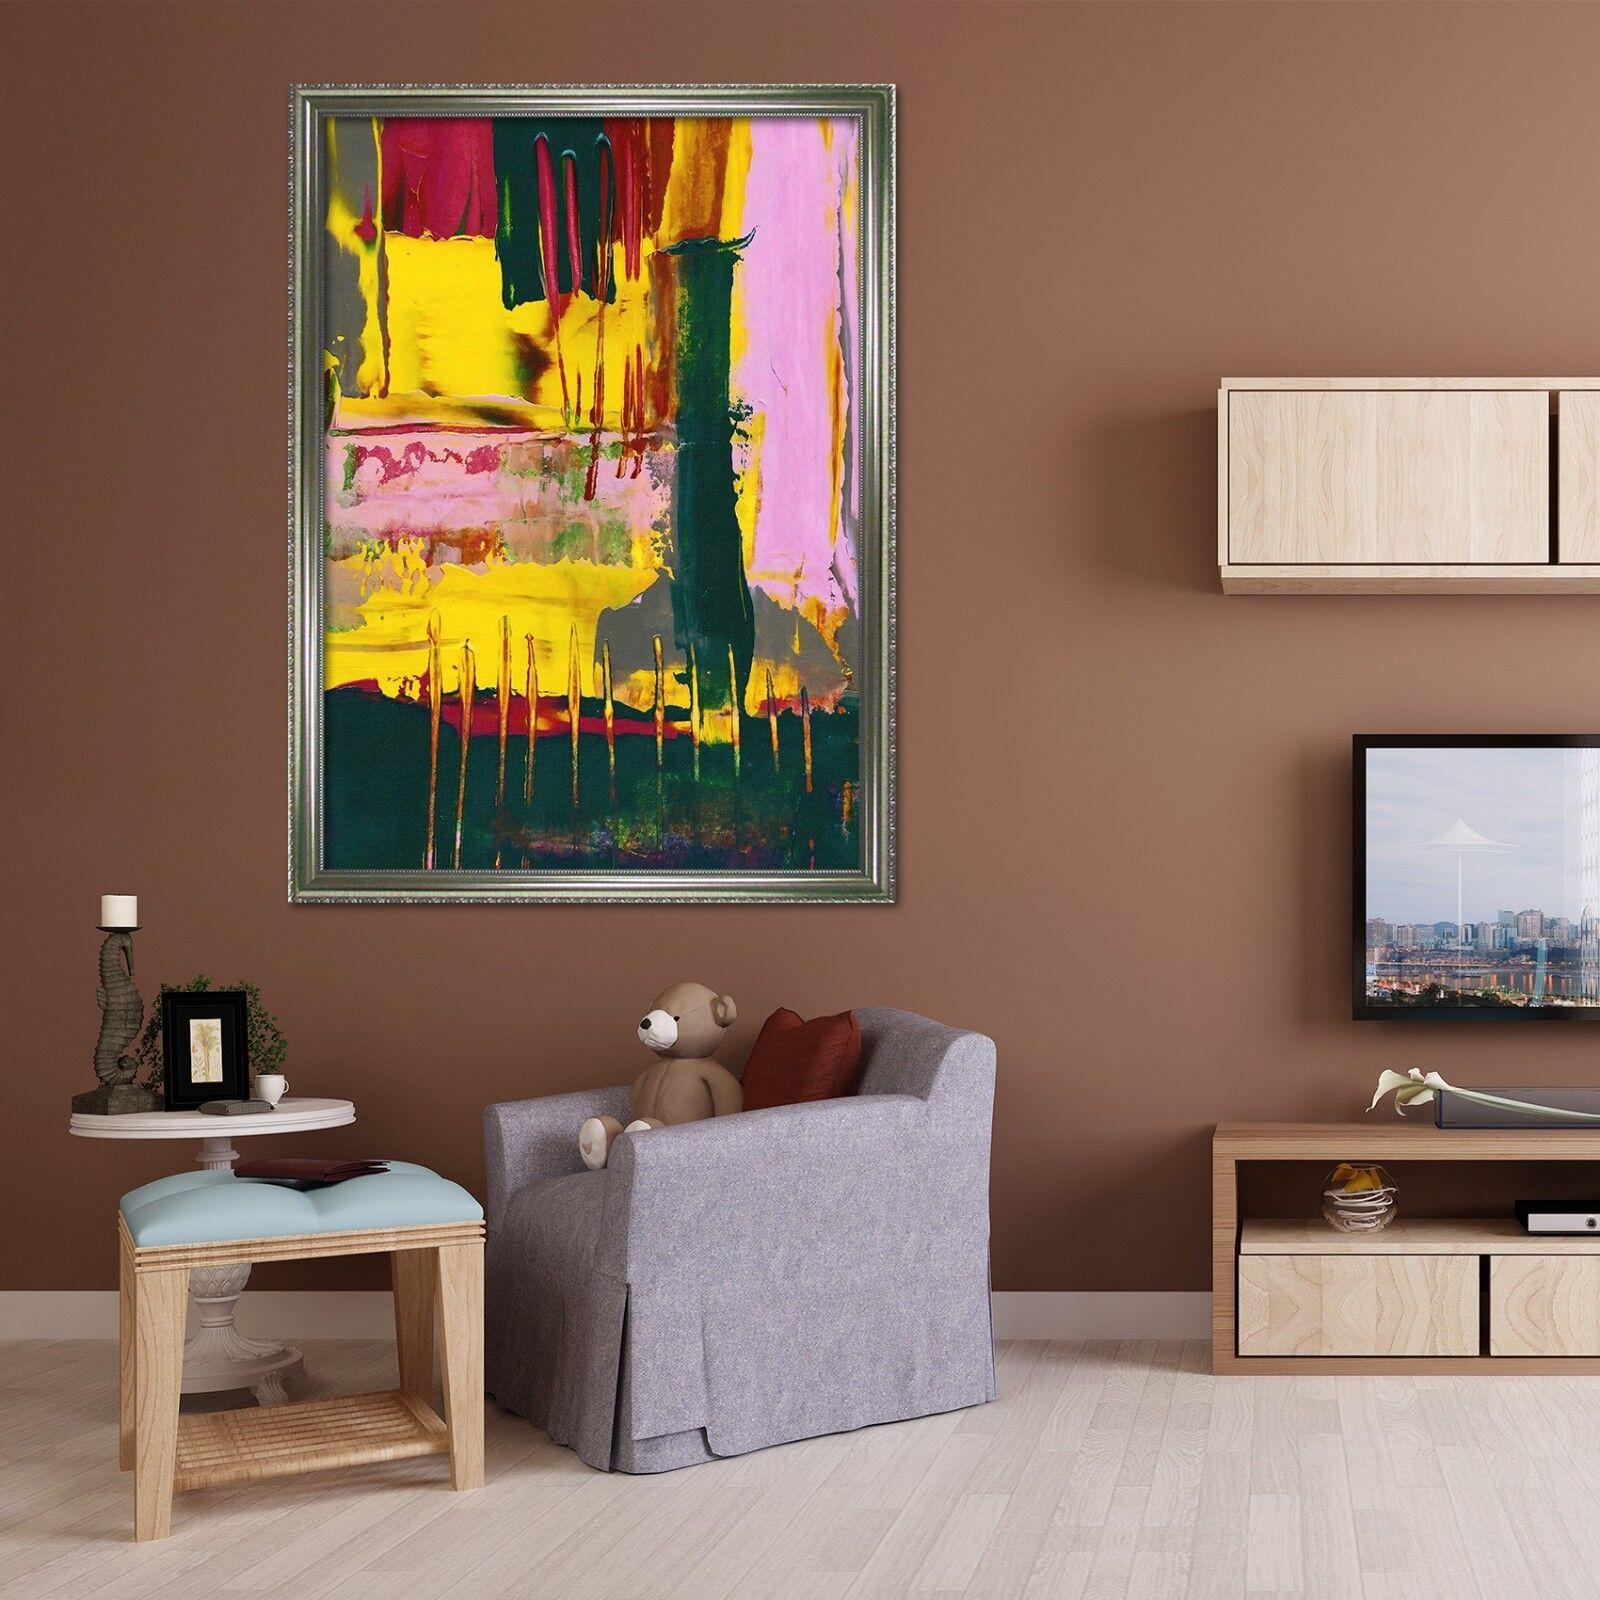 3d Jaune Résumé 69 Encadré Poster à la maison décor imprimer peinture art AJ